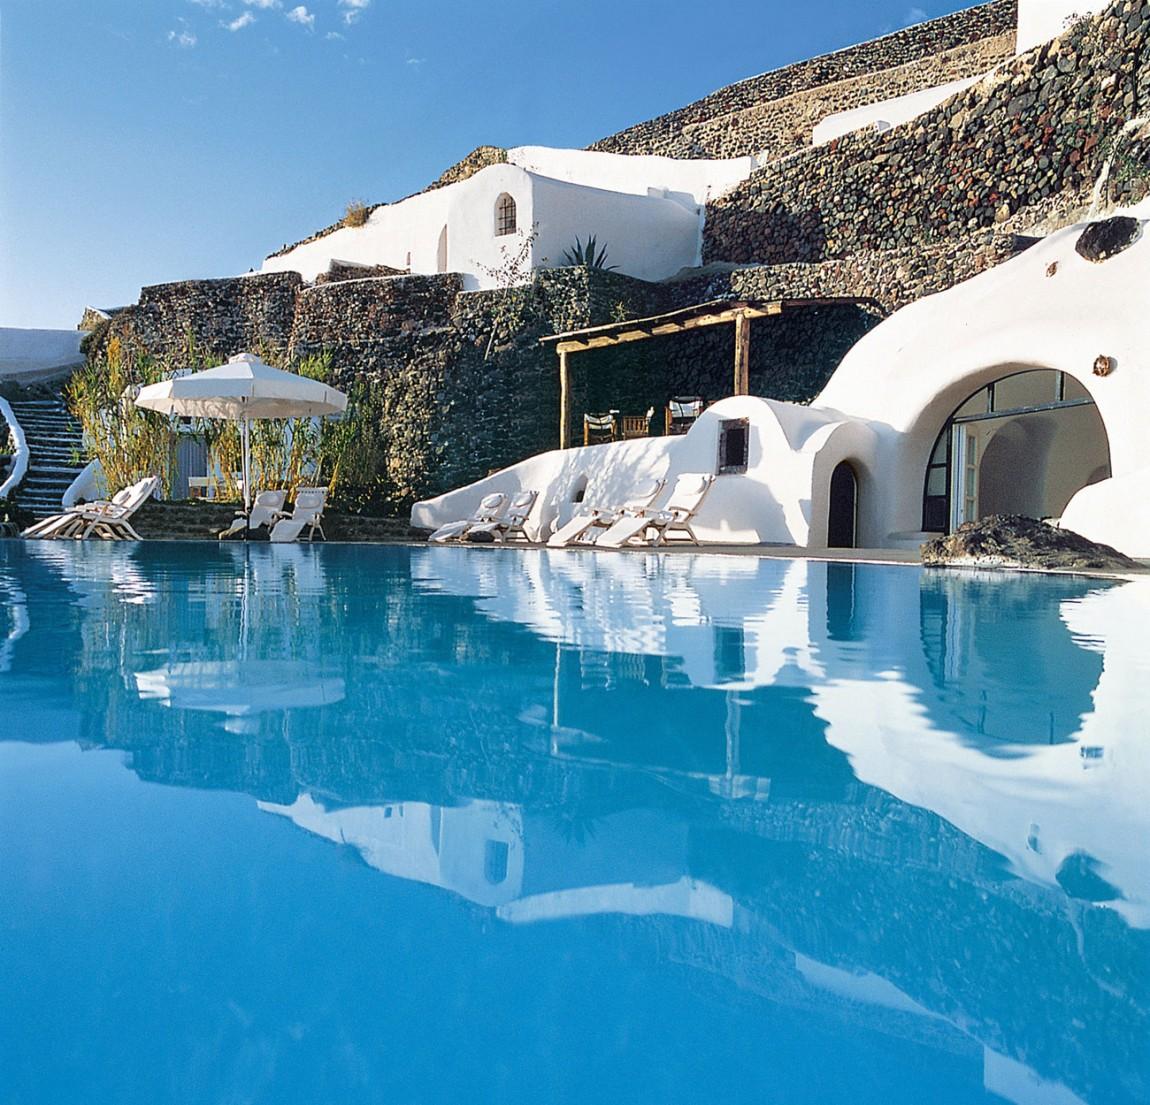 Perivolas Oia Hotel - да преразкажеш мистерията на Санторини